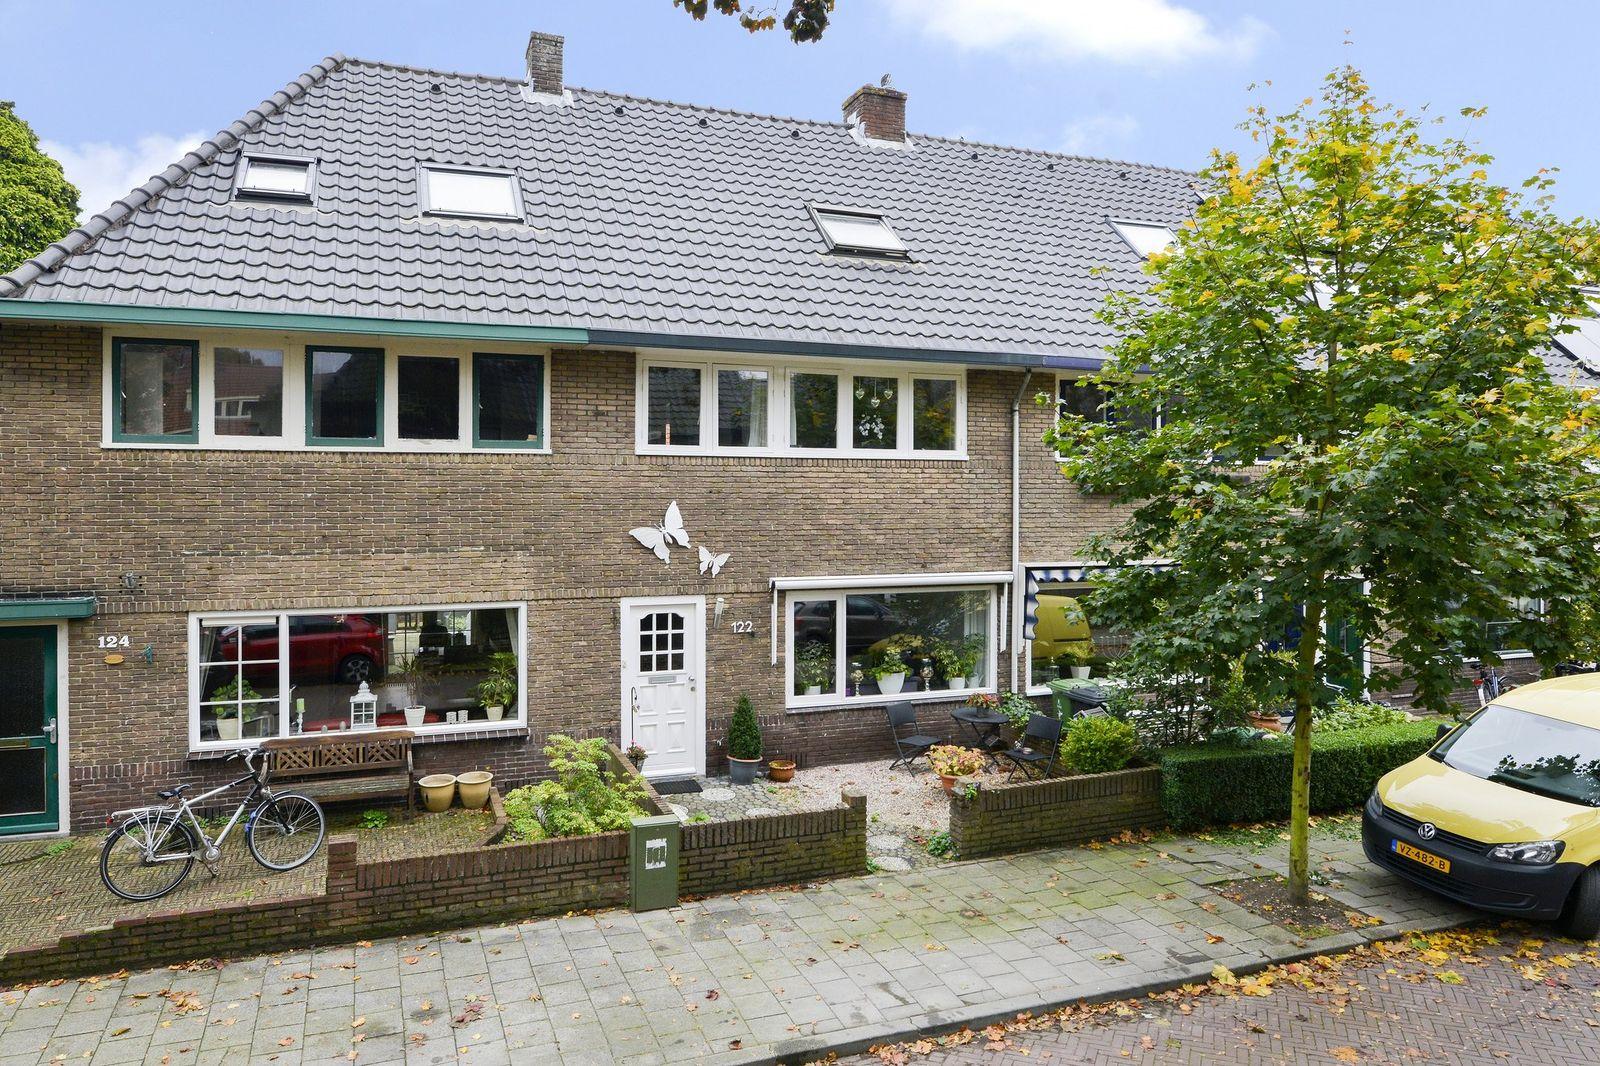 Rigelstraat 122, Hilversum